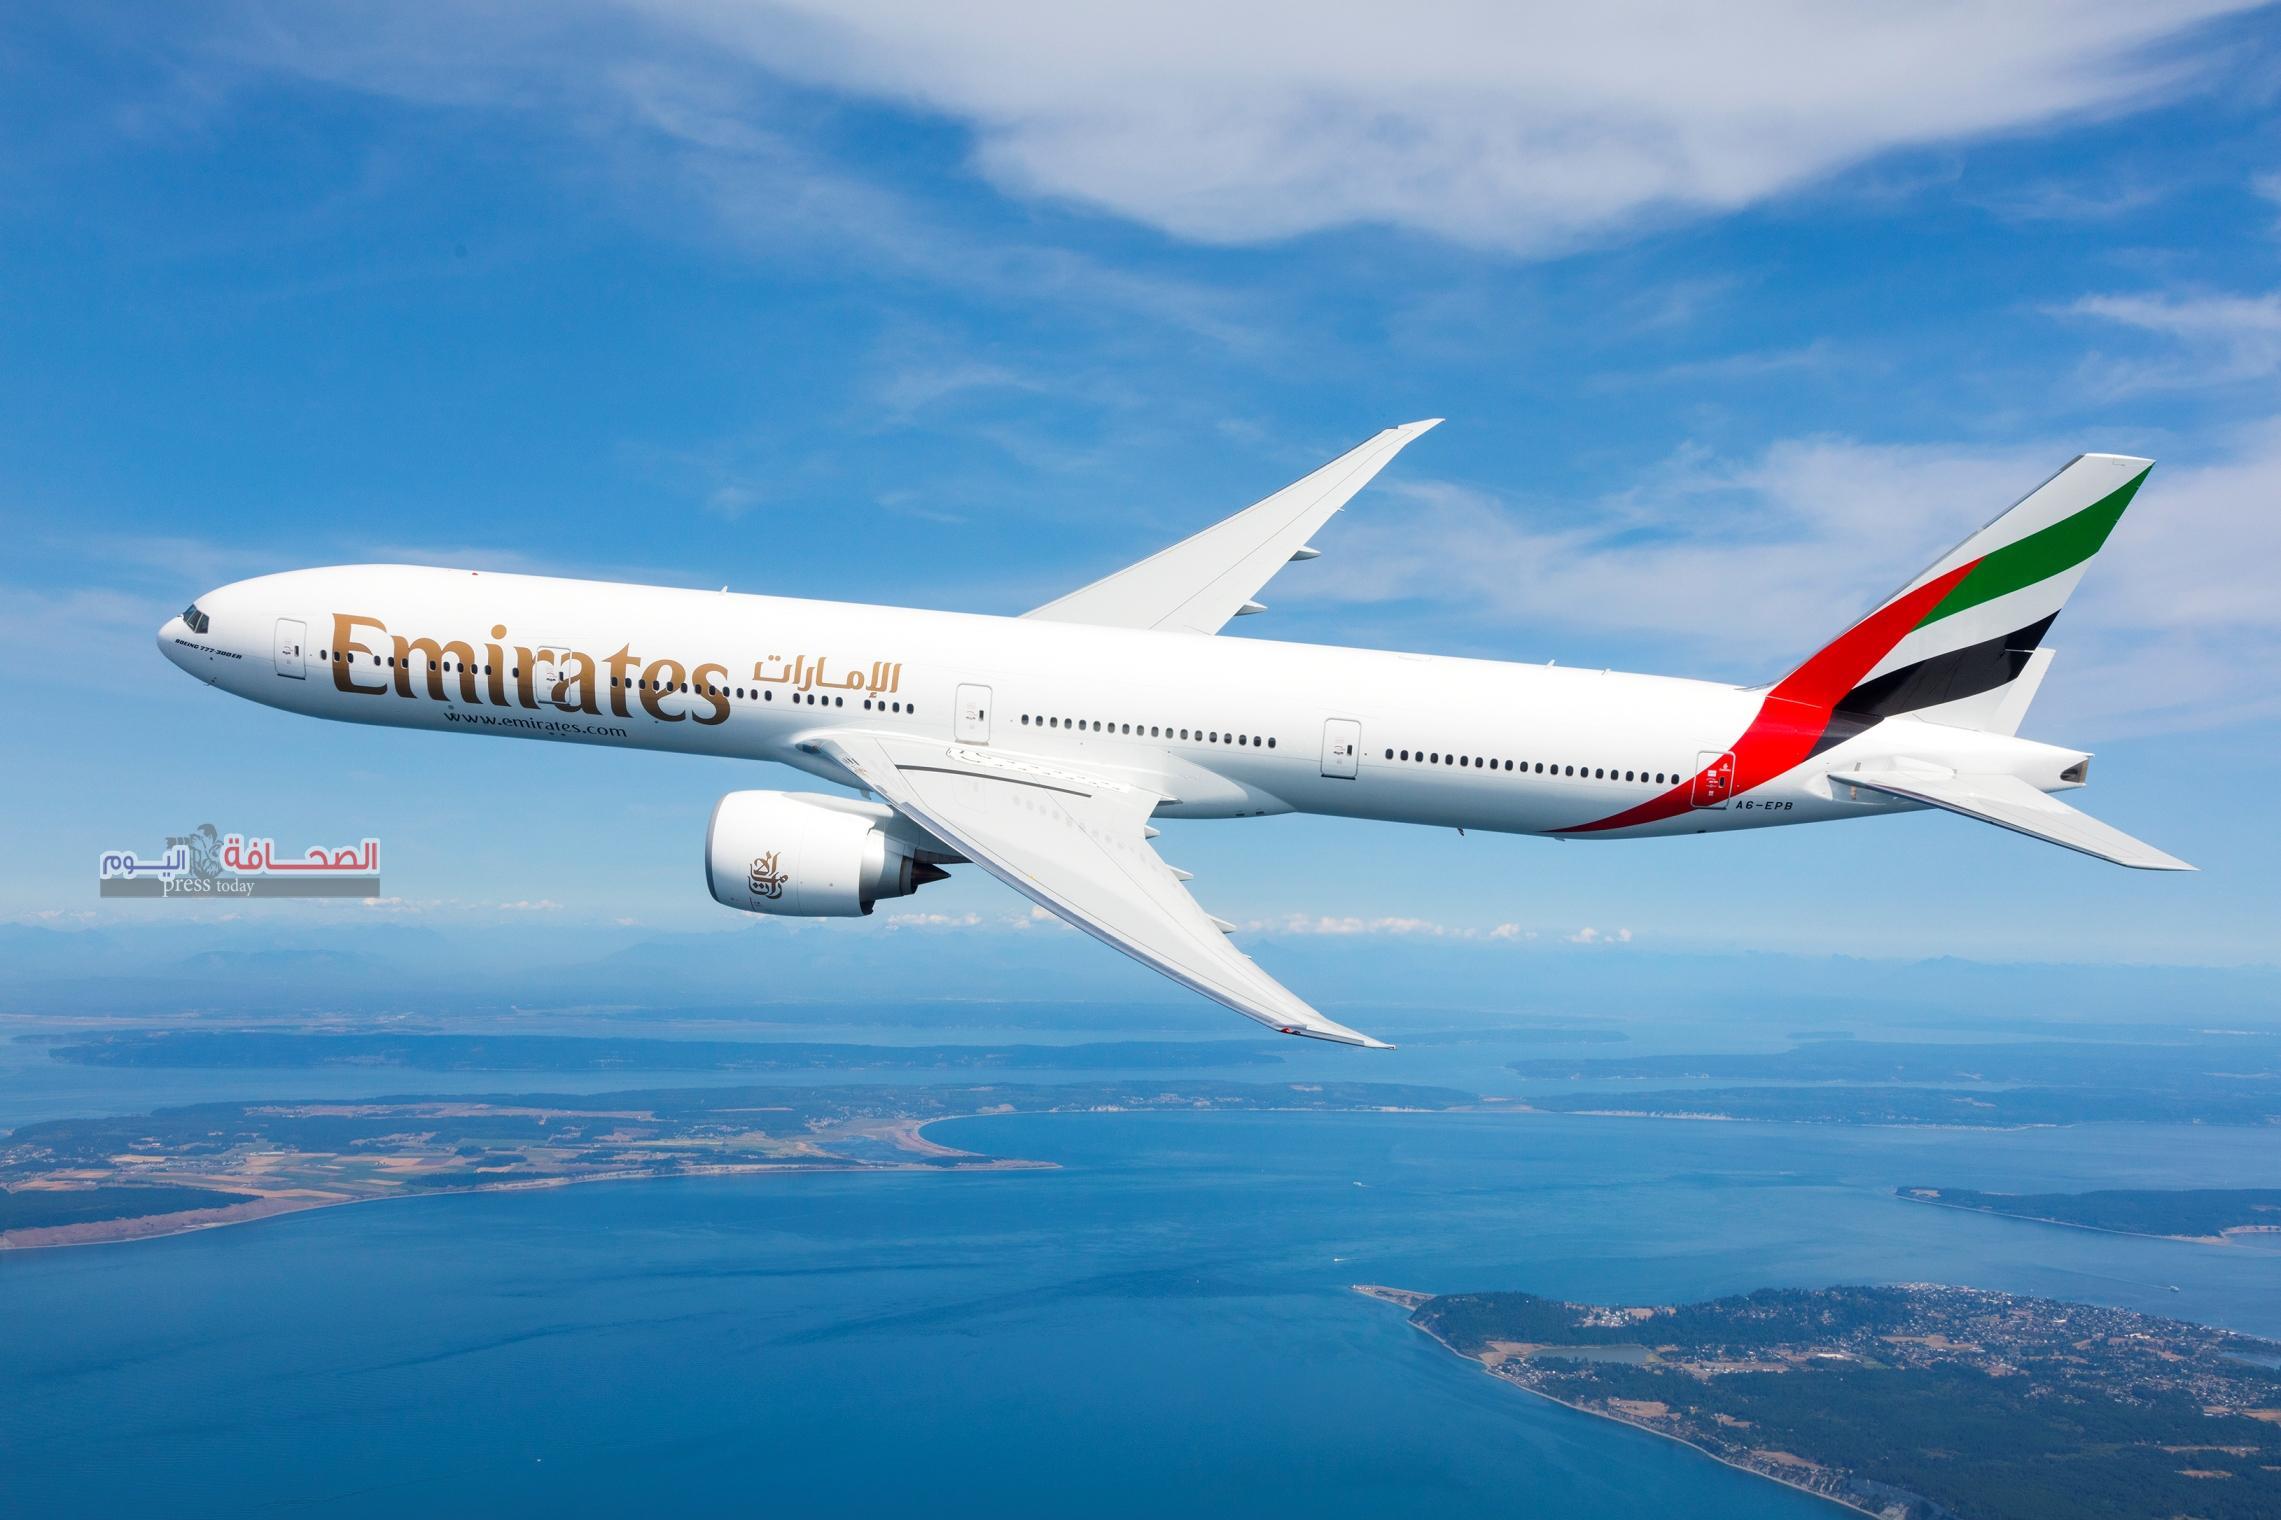 طيران الإمارات تشغل البوينج 777 الجديدة إلى أوروبا